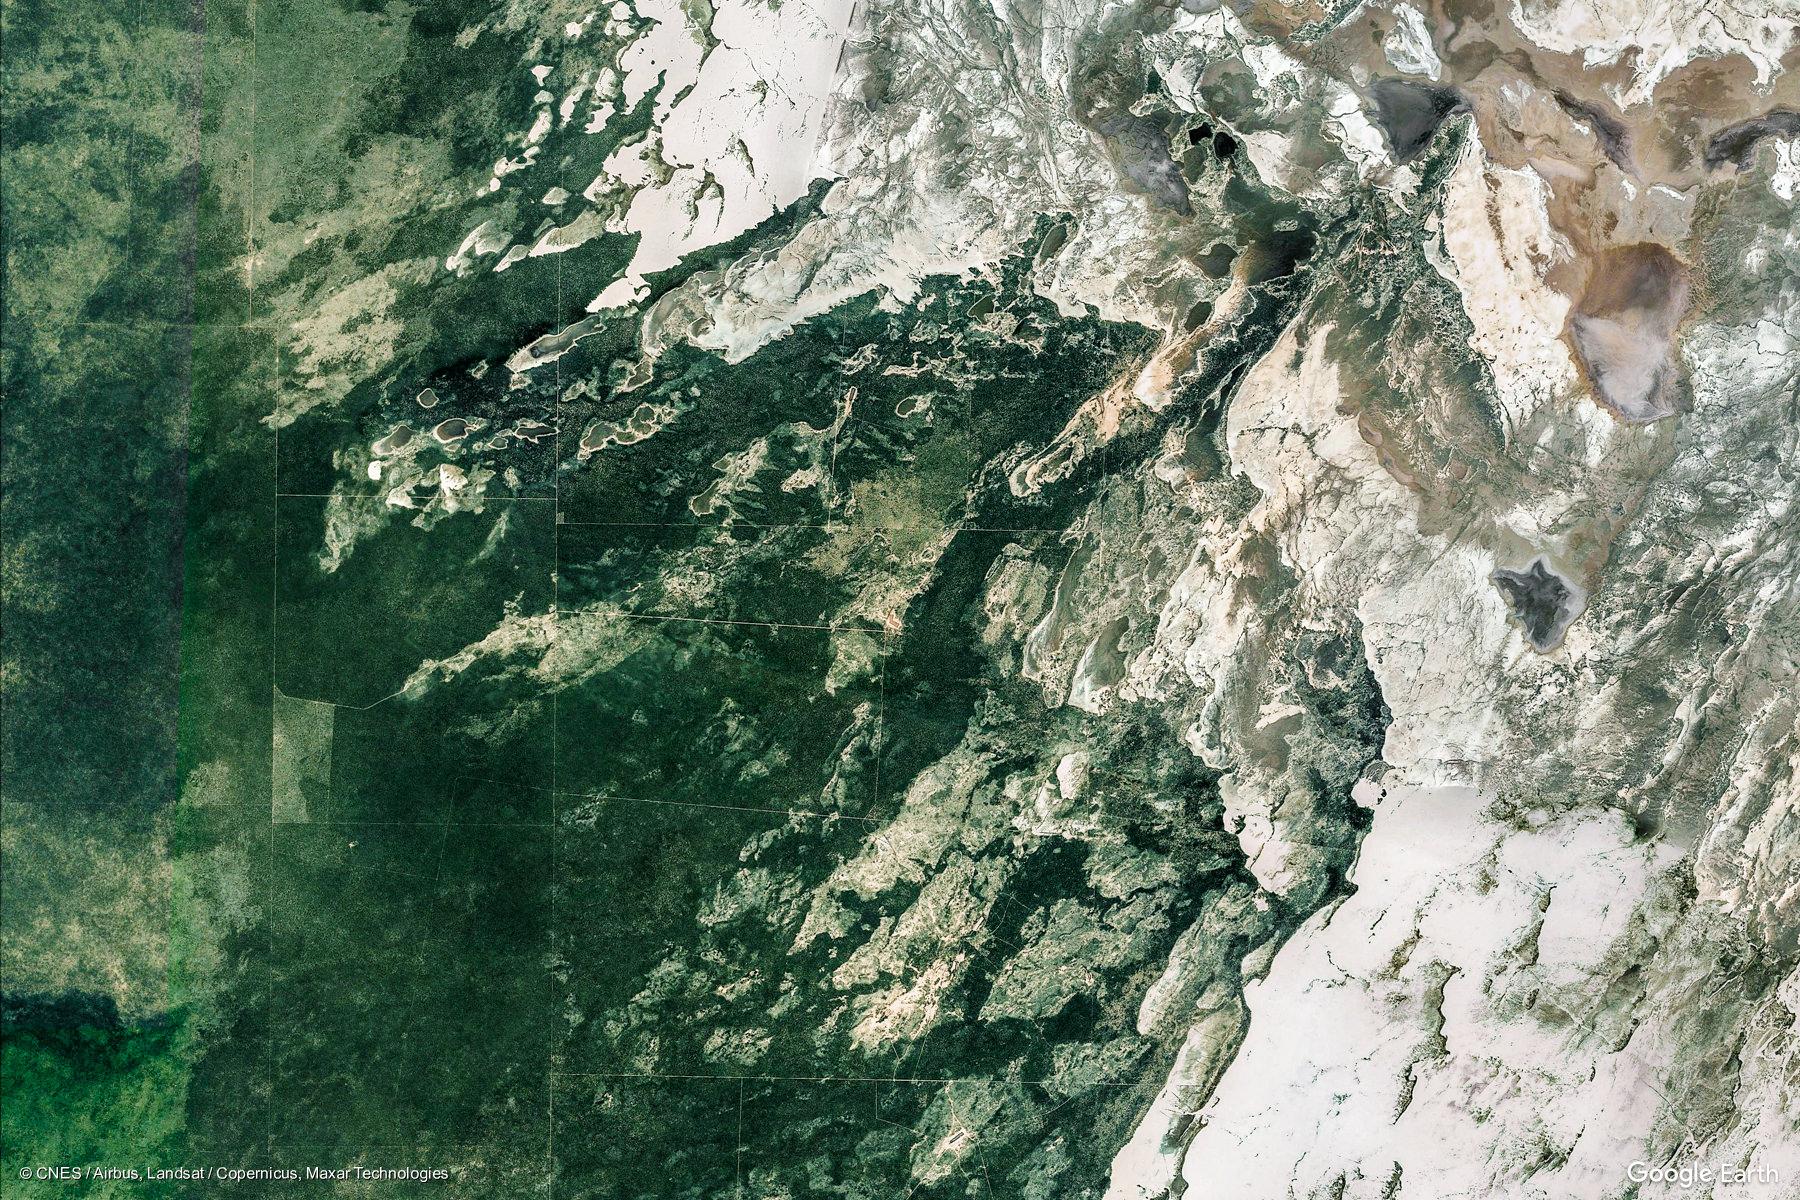 CHAMICAL - Ubicado en La Rioja, es un departamento de los denominados